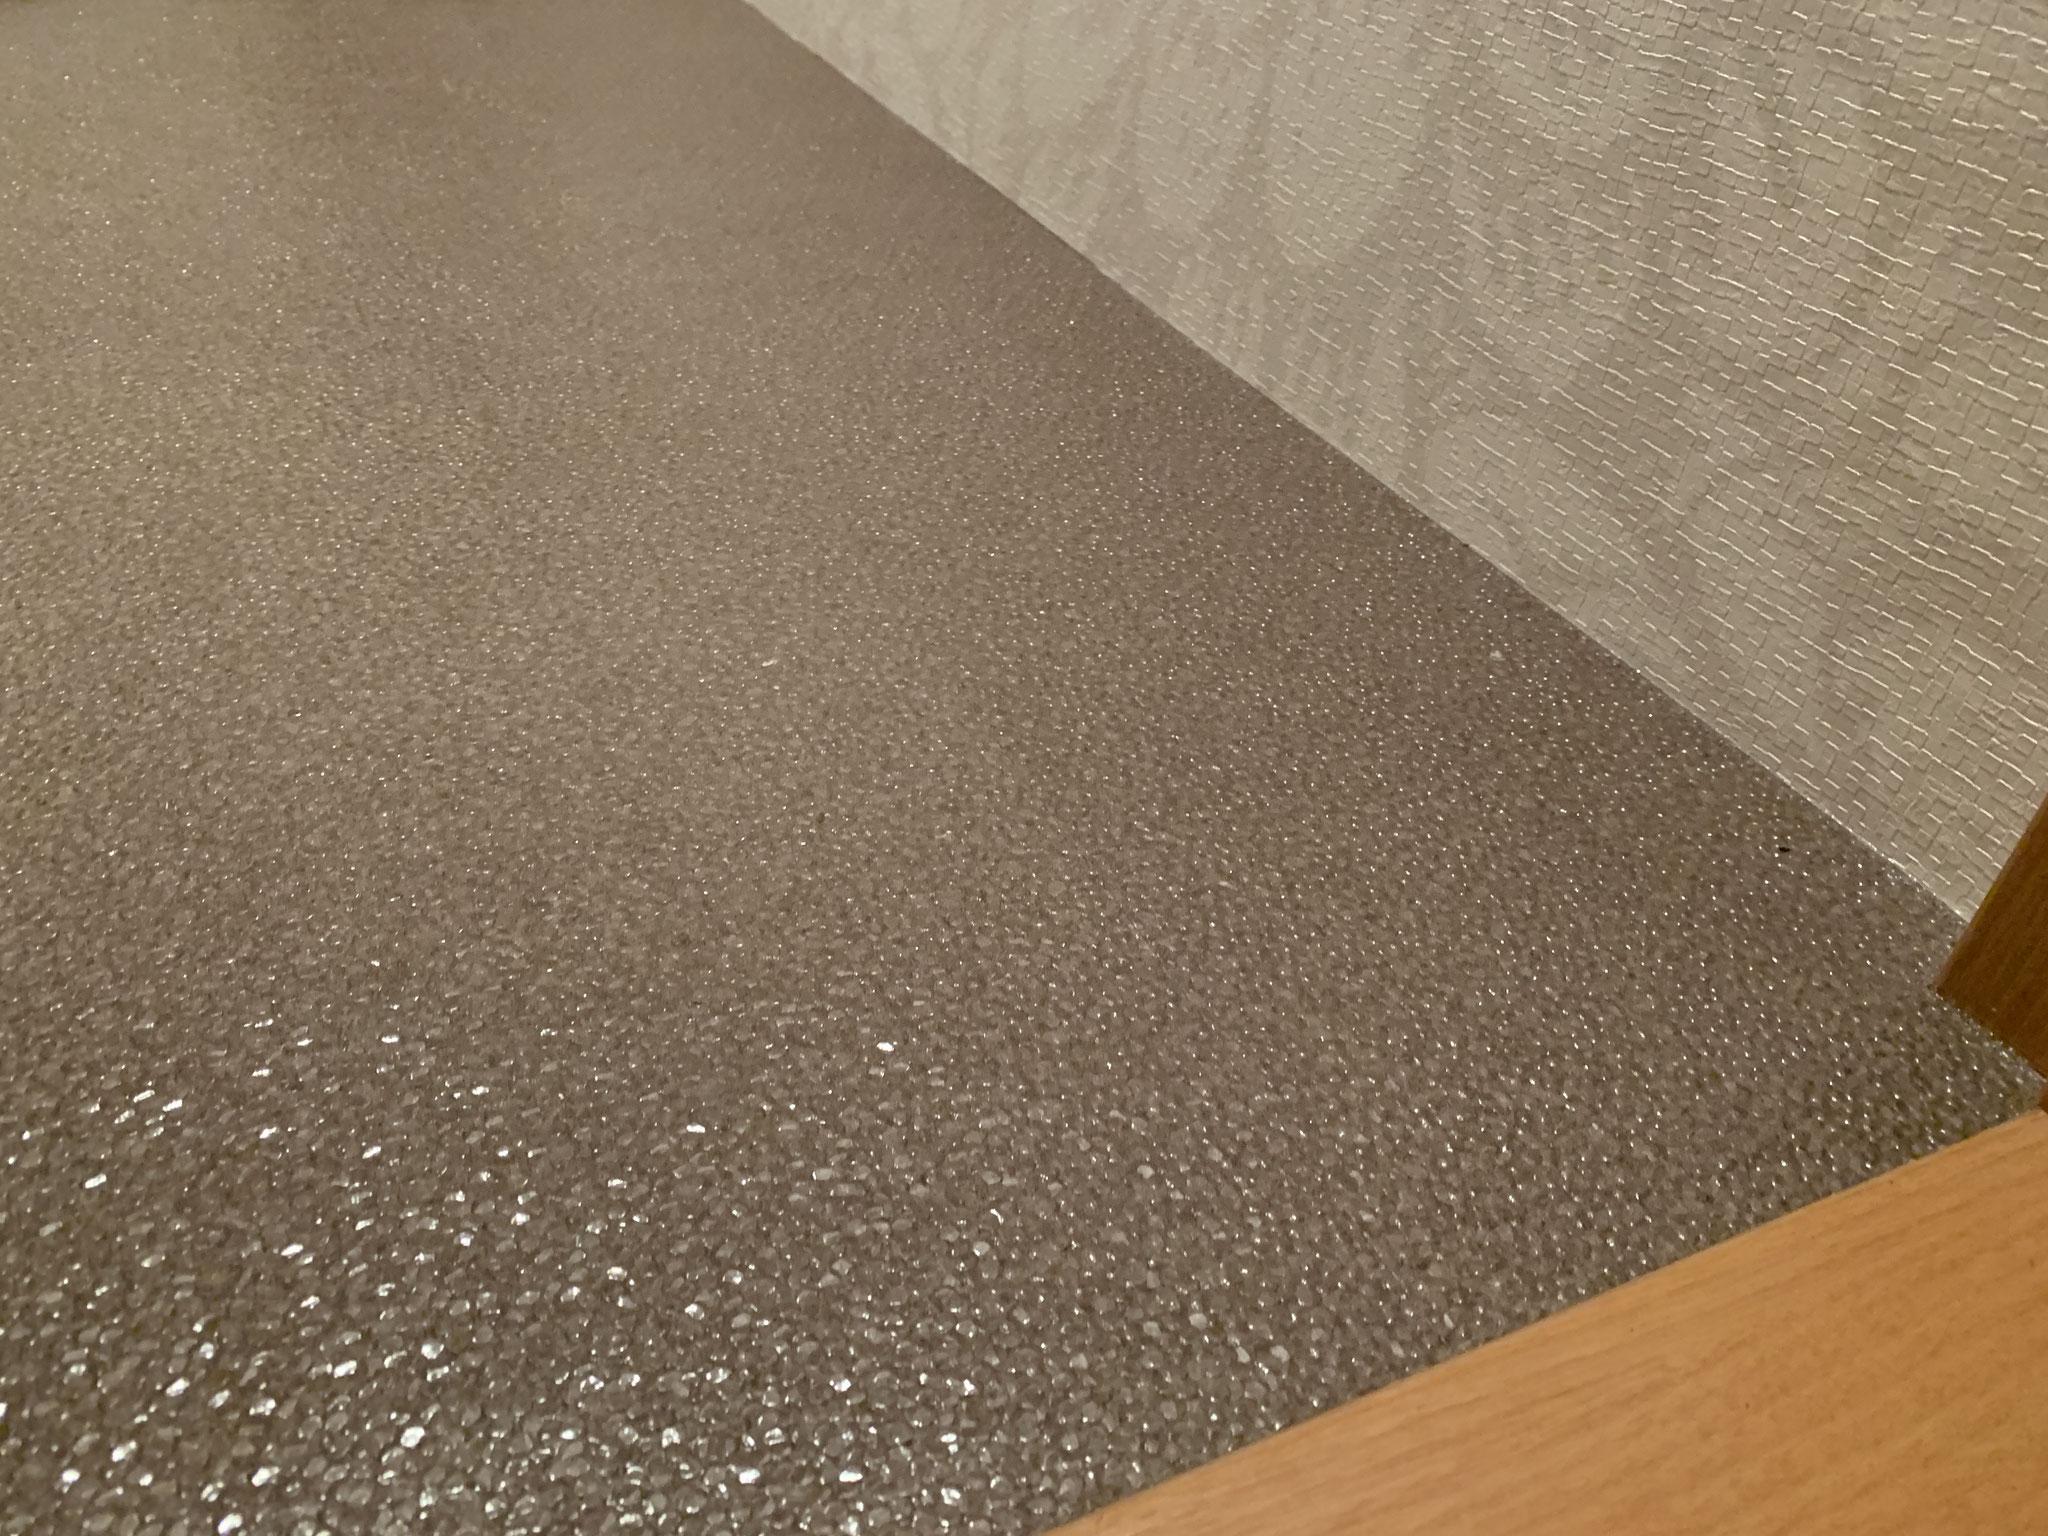 工事中 床はスパンコールのような輝きを放つフロアタイルに